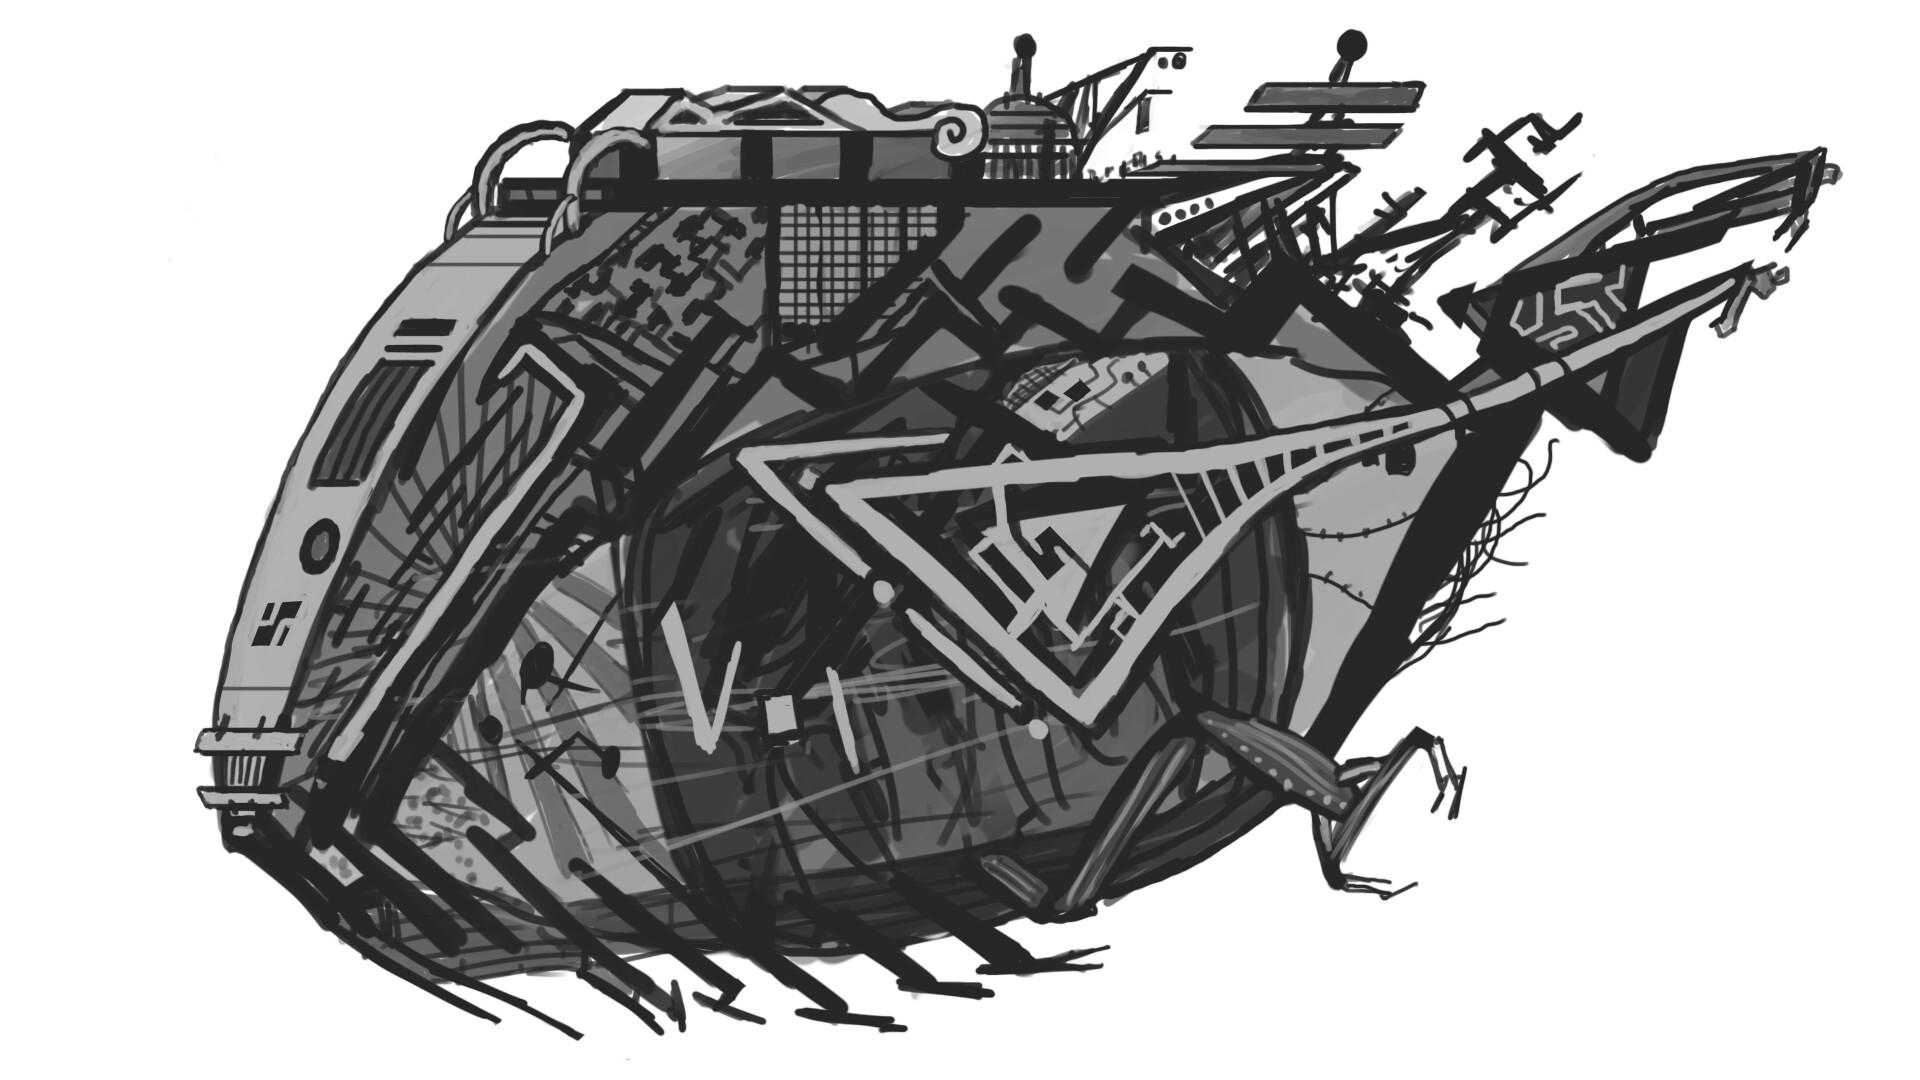 Alexander laheij drawing10 89